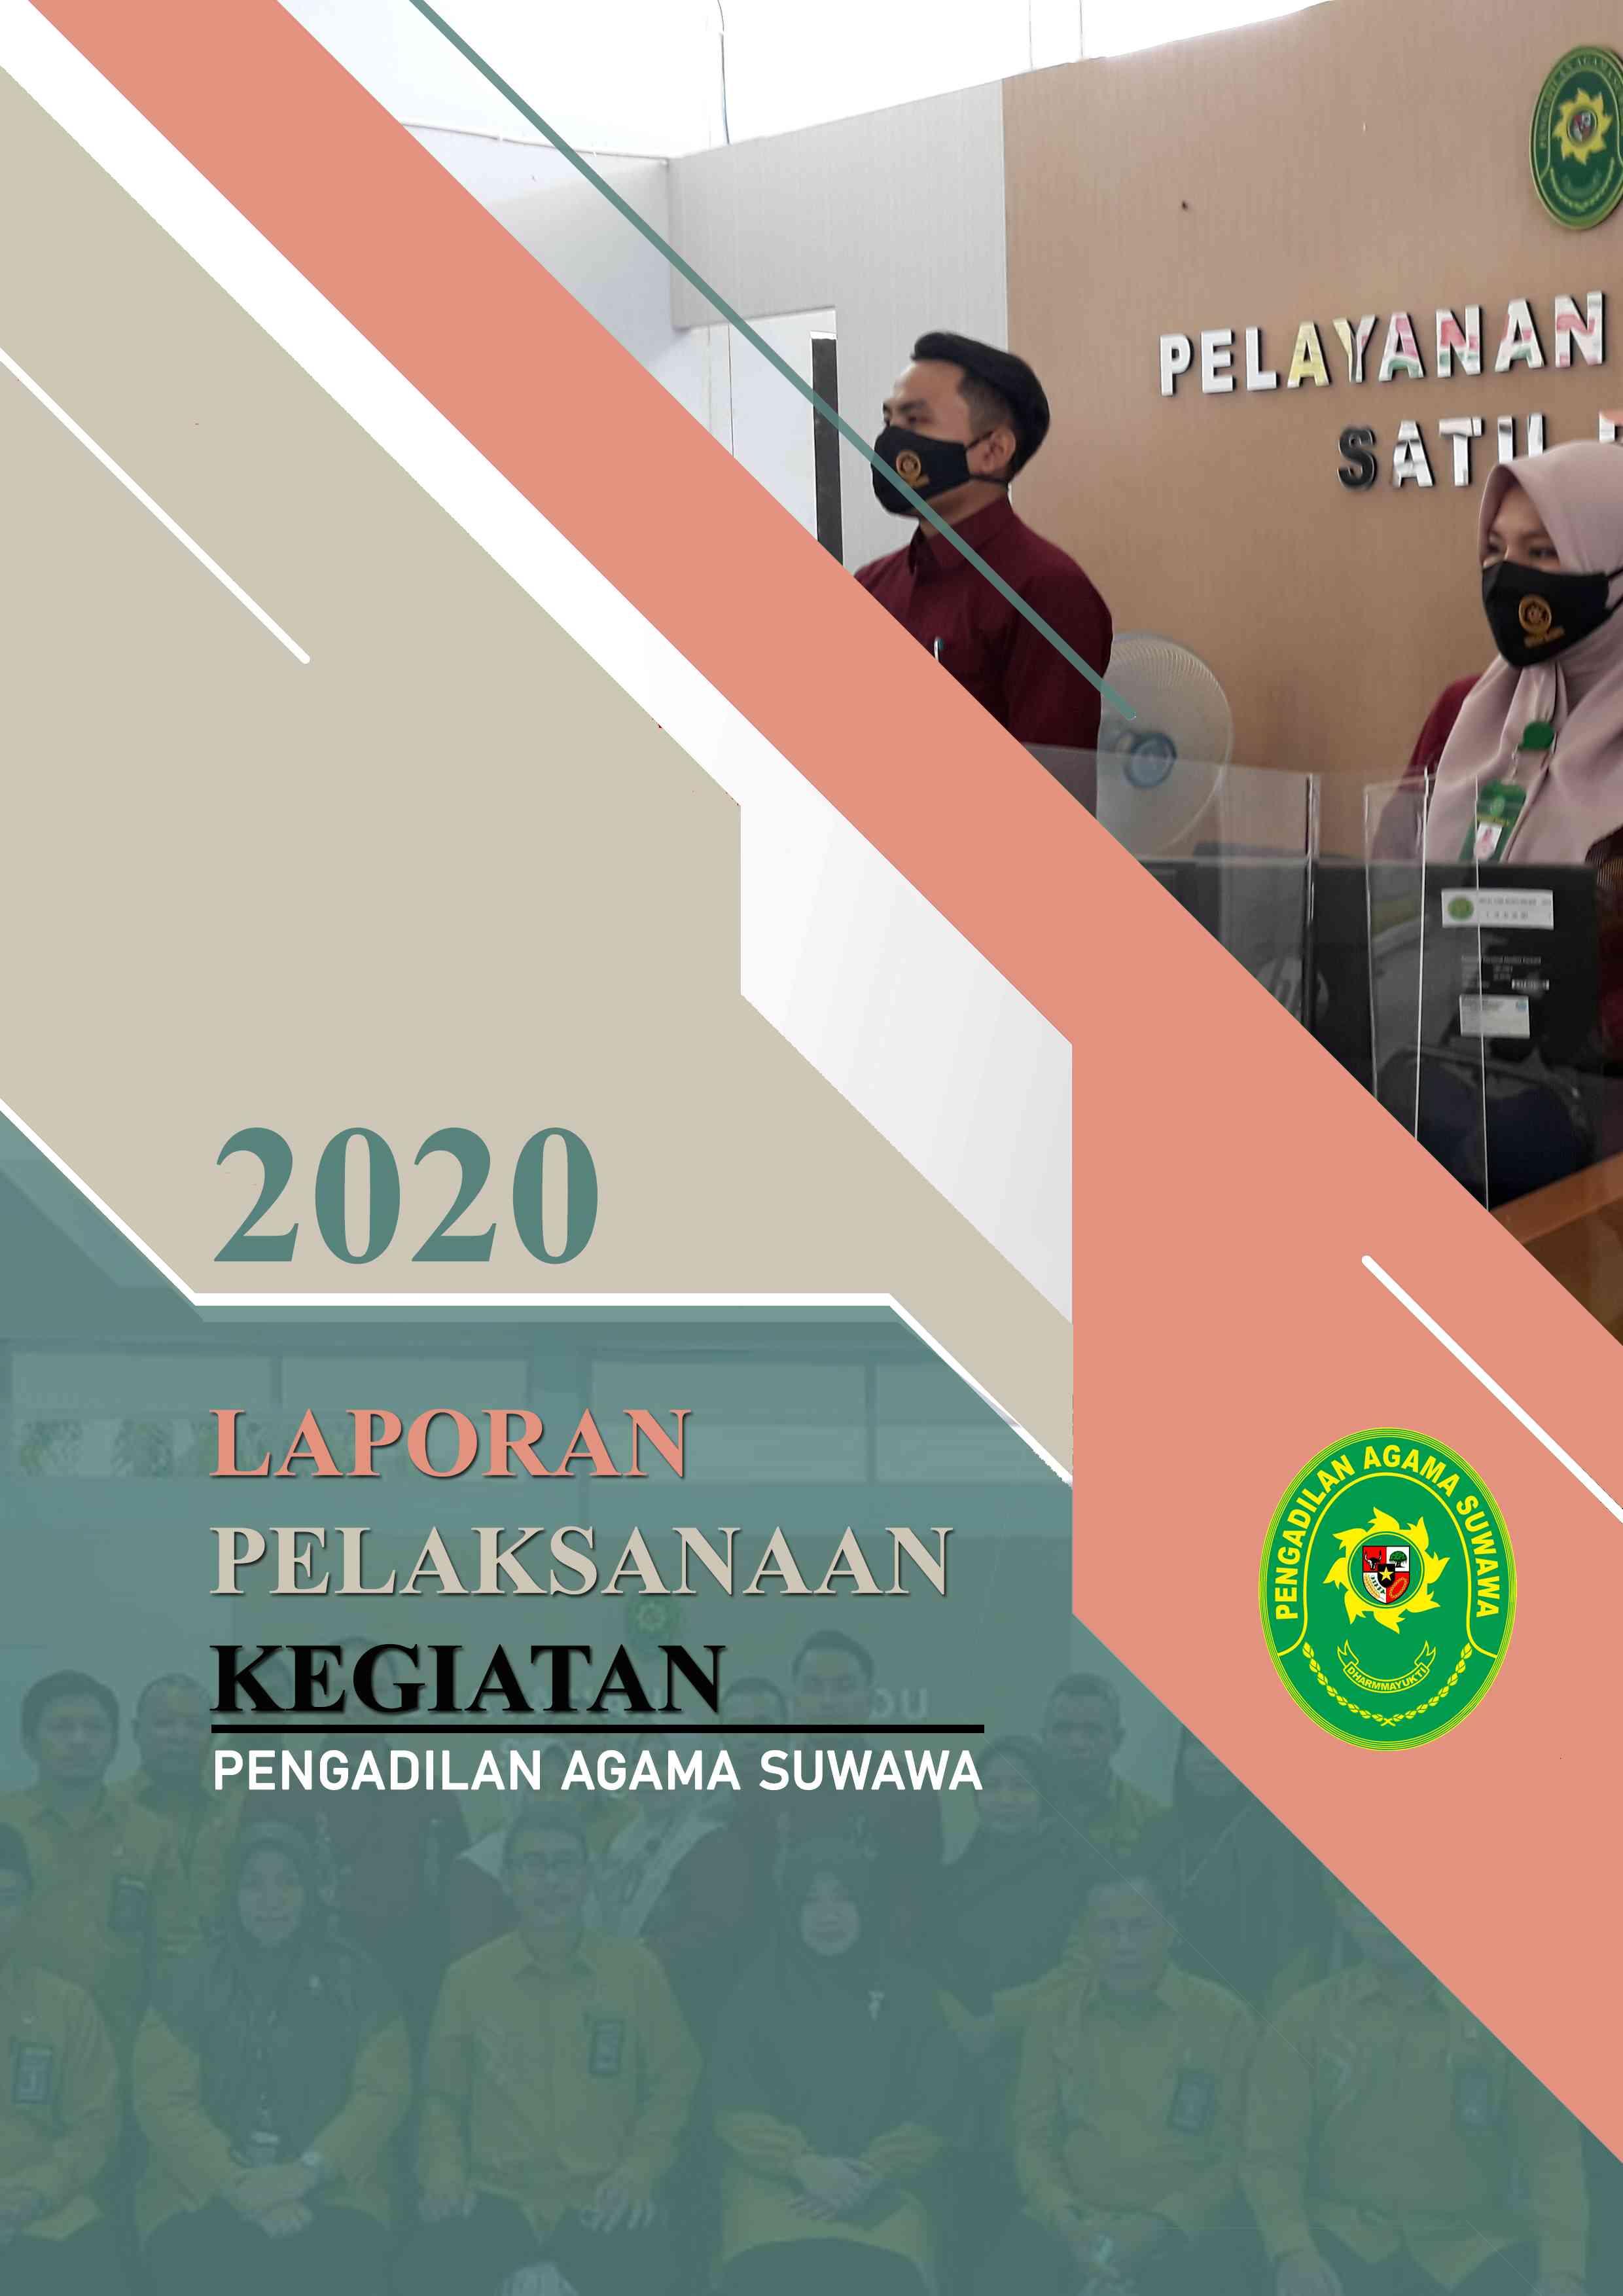 Laporan Pelaksanaan Kegiatan Pengadilan Agama Suwawa Tahun 2020